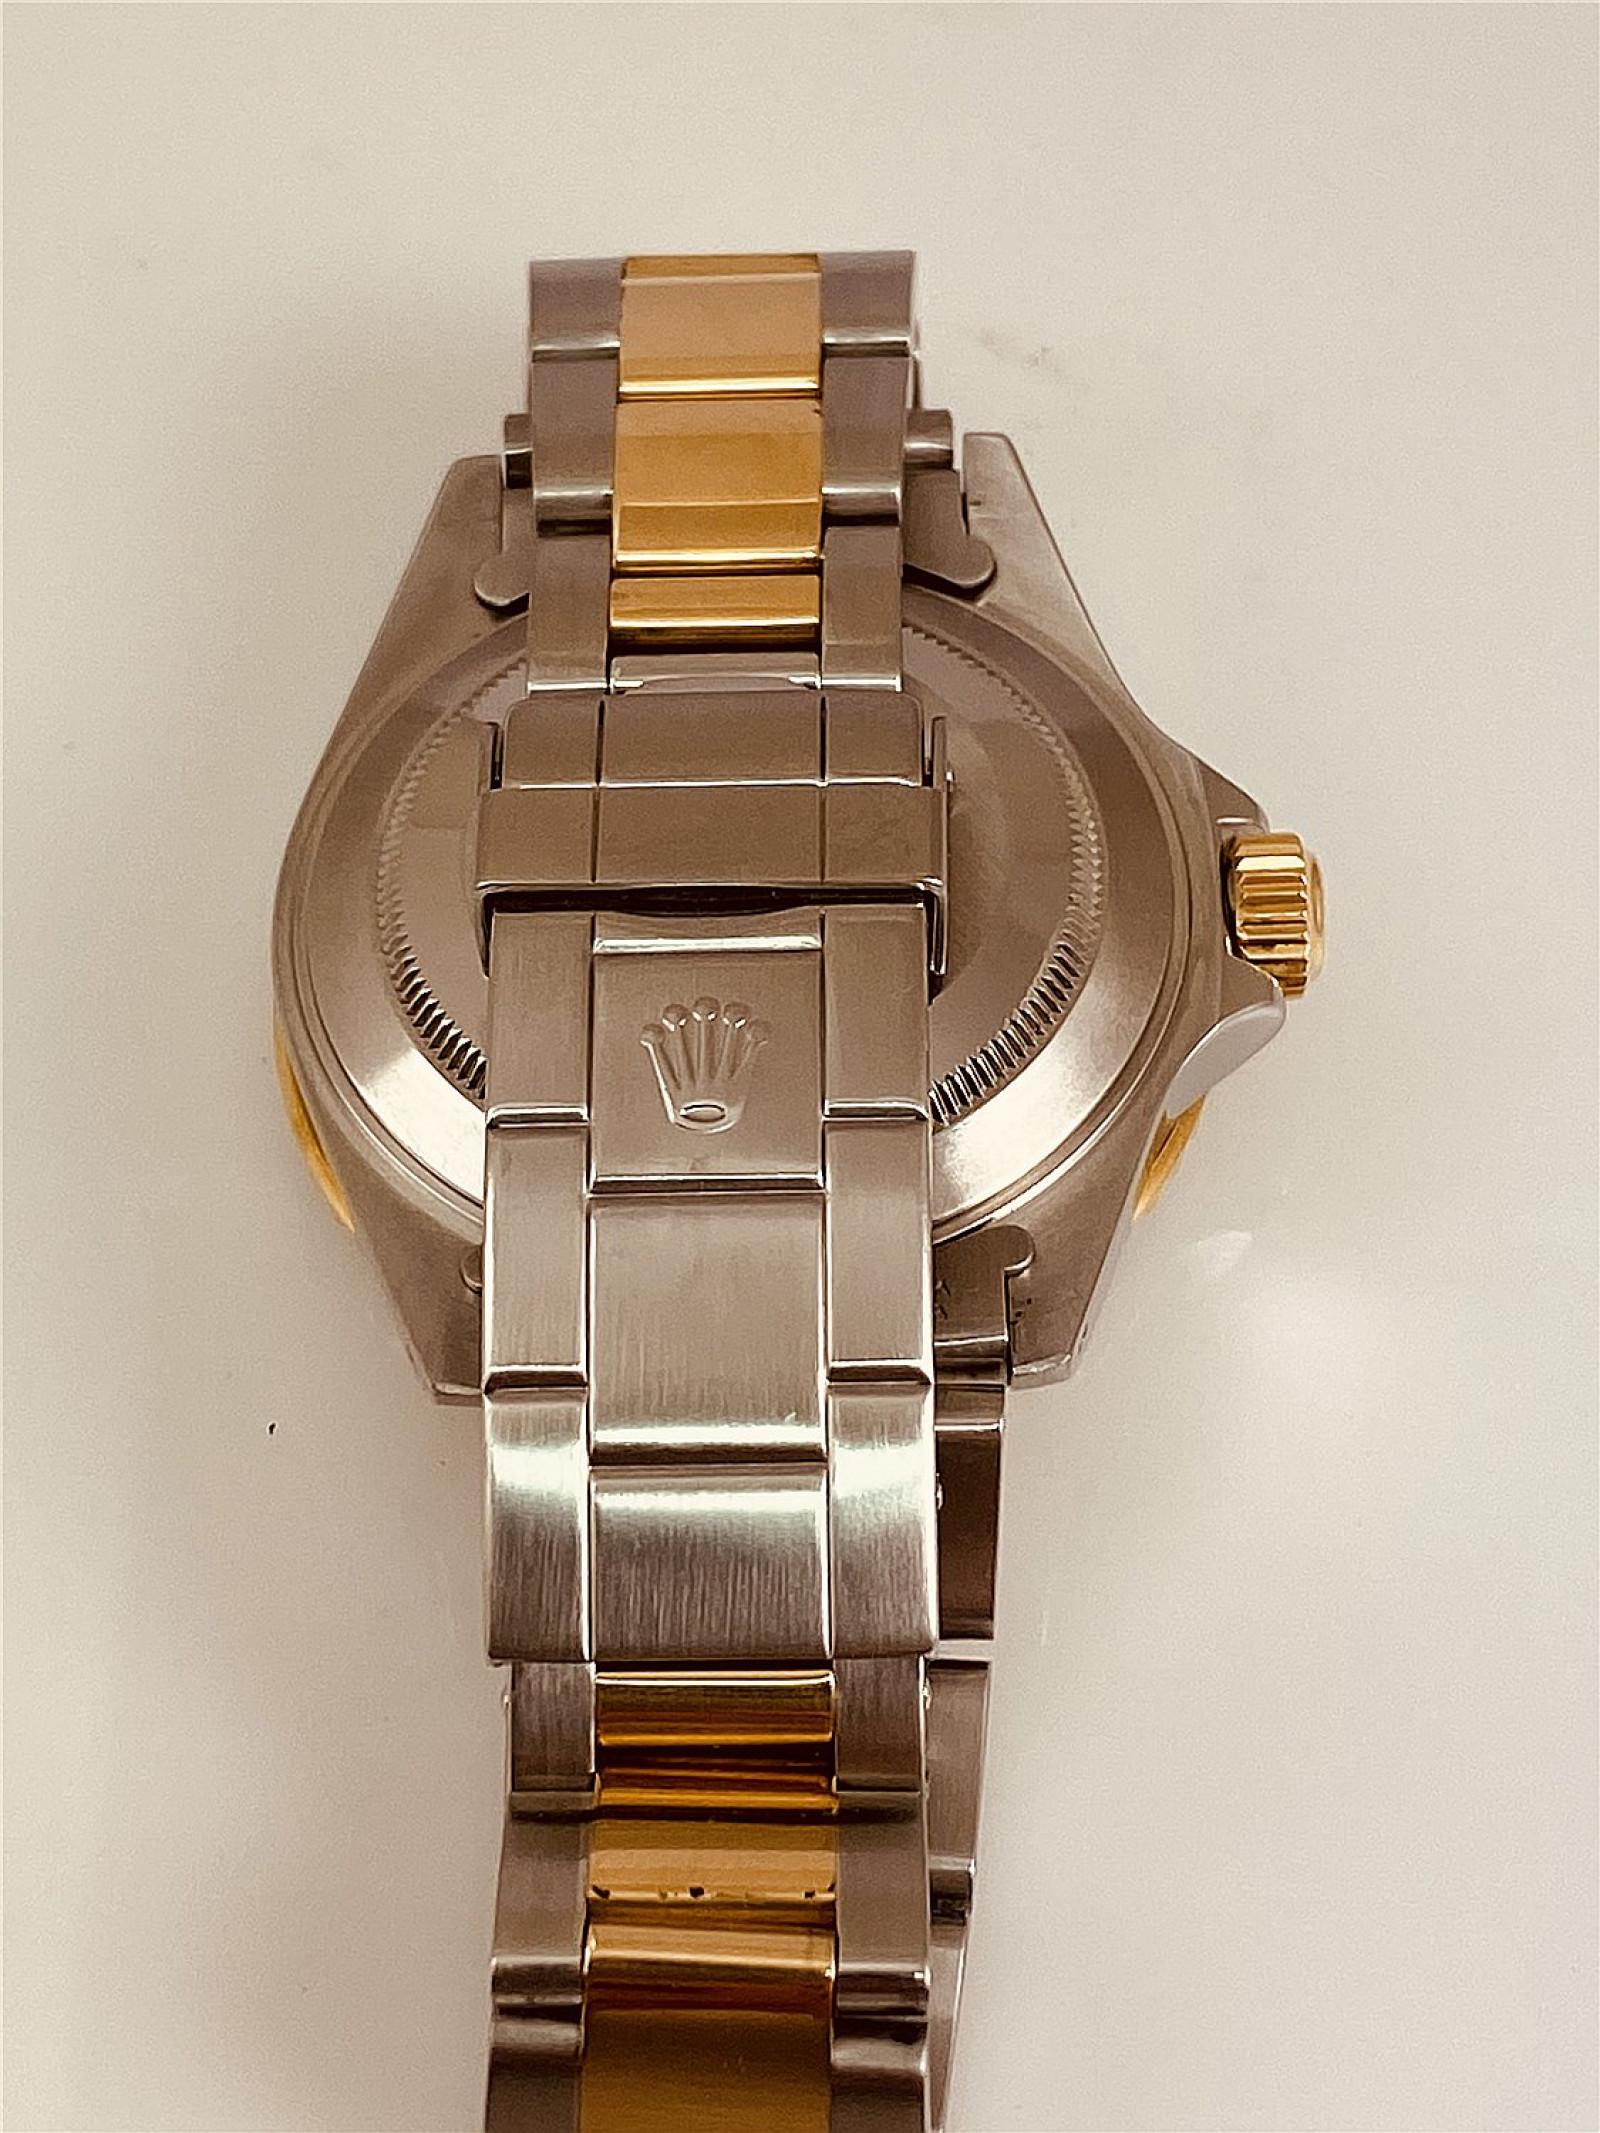 1999 Rolex Submariner Ref. 16613